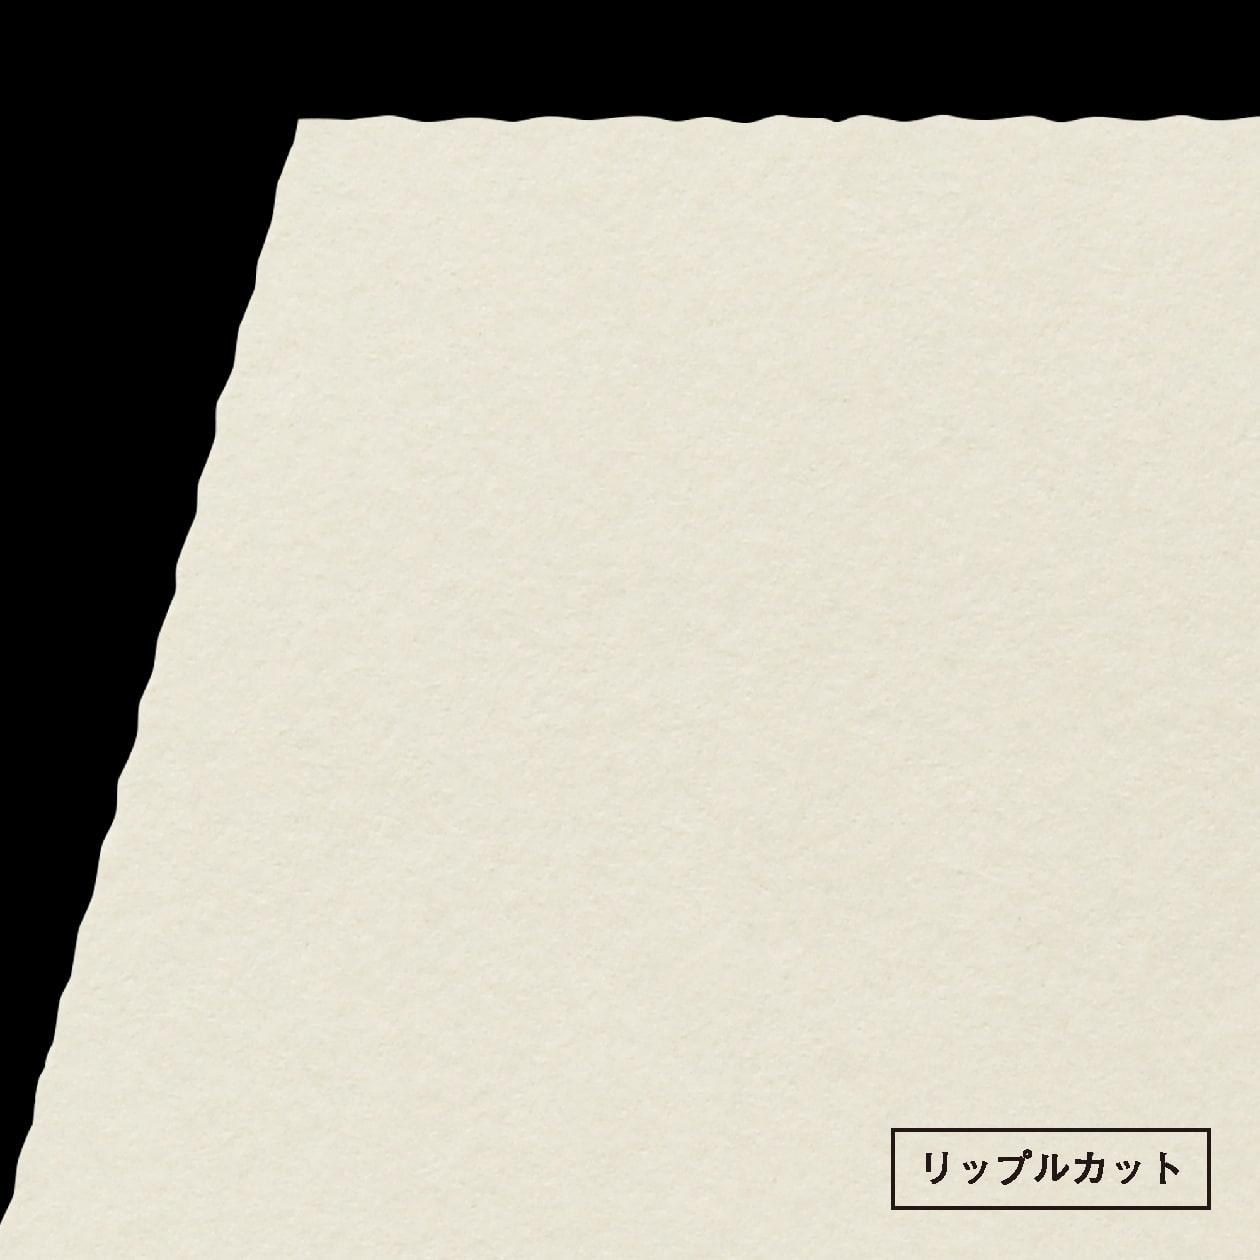 角20窓封筒 HAGURUMA Basic ソフトクリーム 100g テープ有